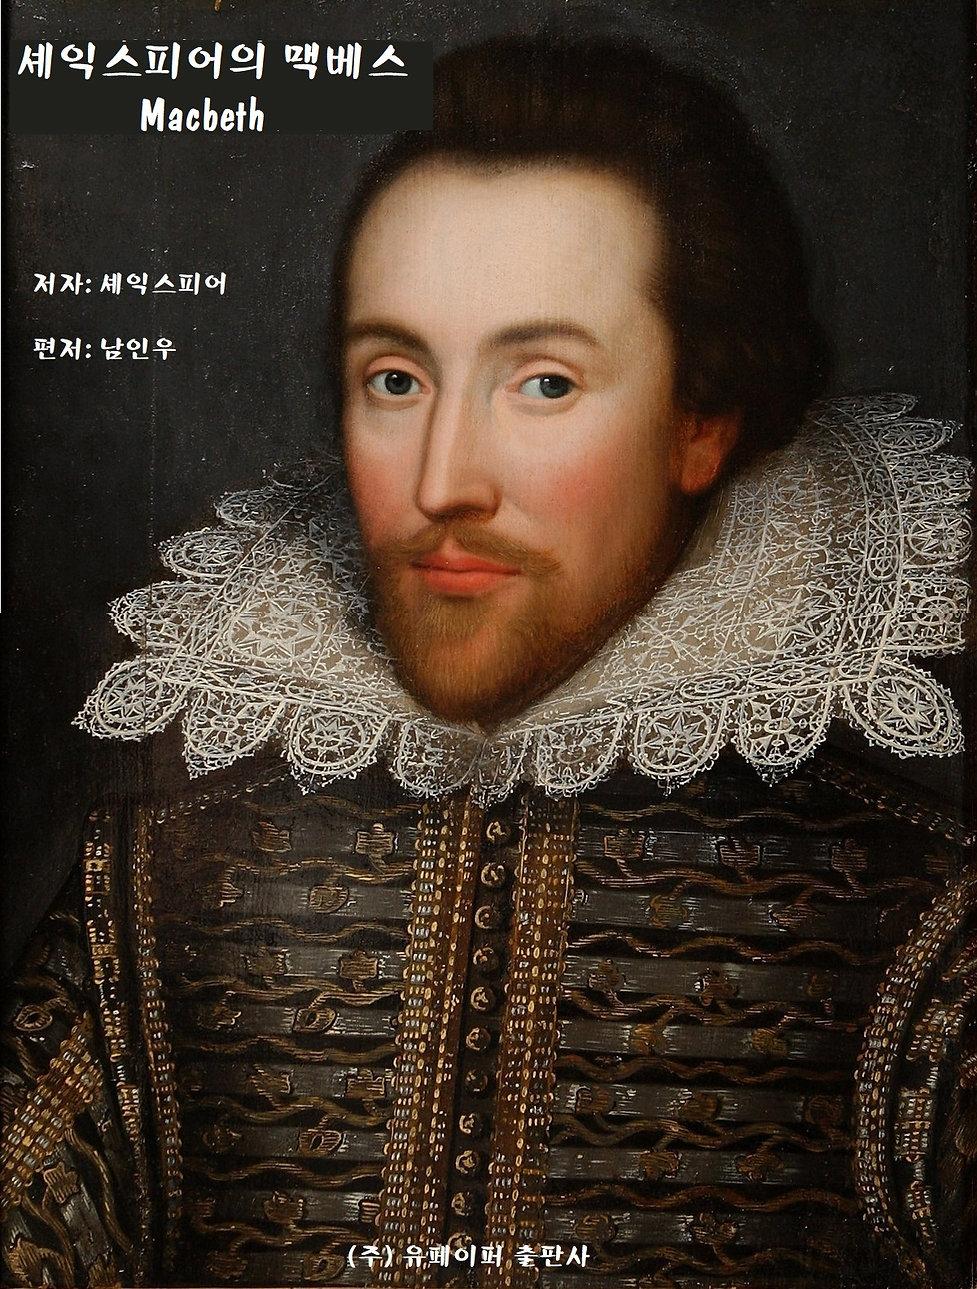 셰익스피어의 맥베스. Macbeth.jpg